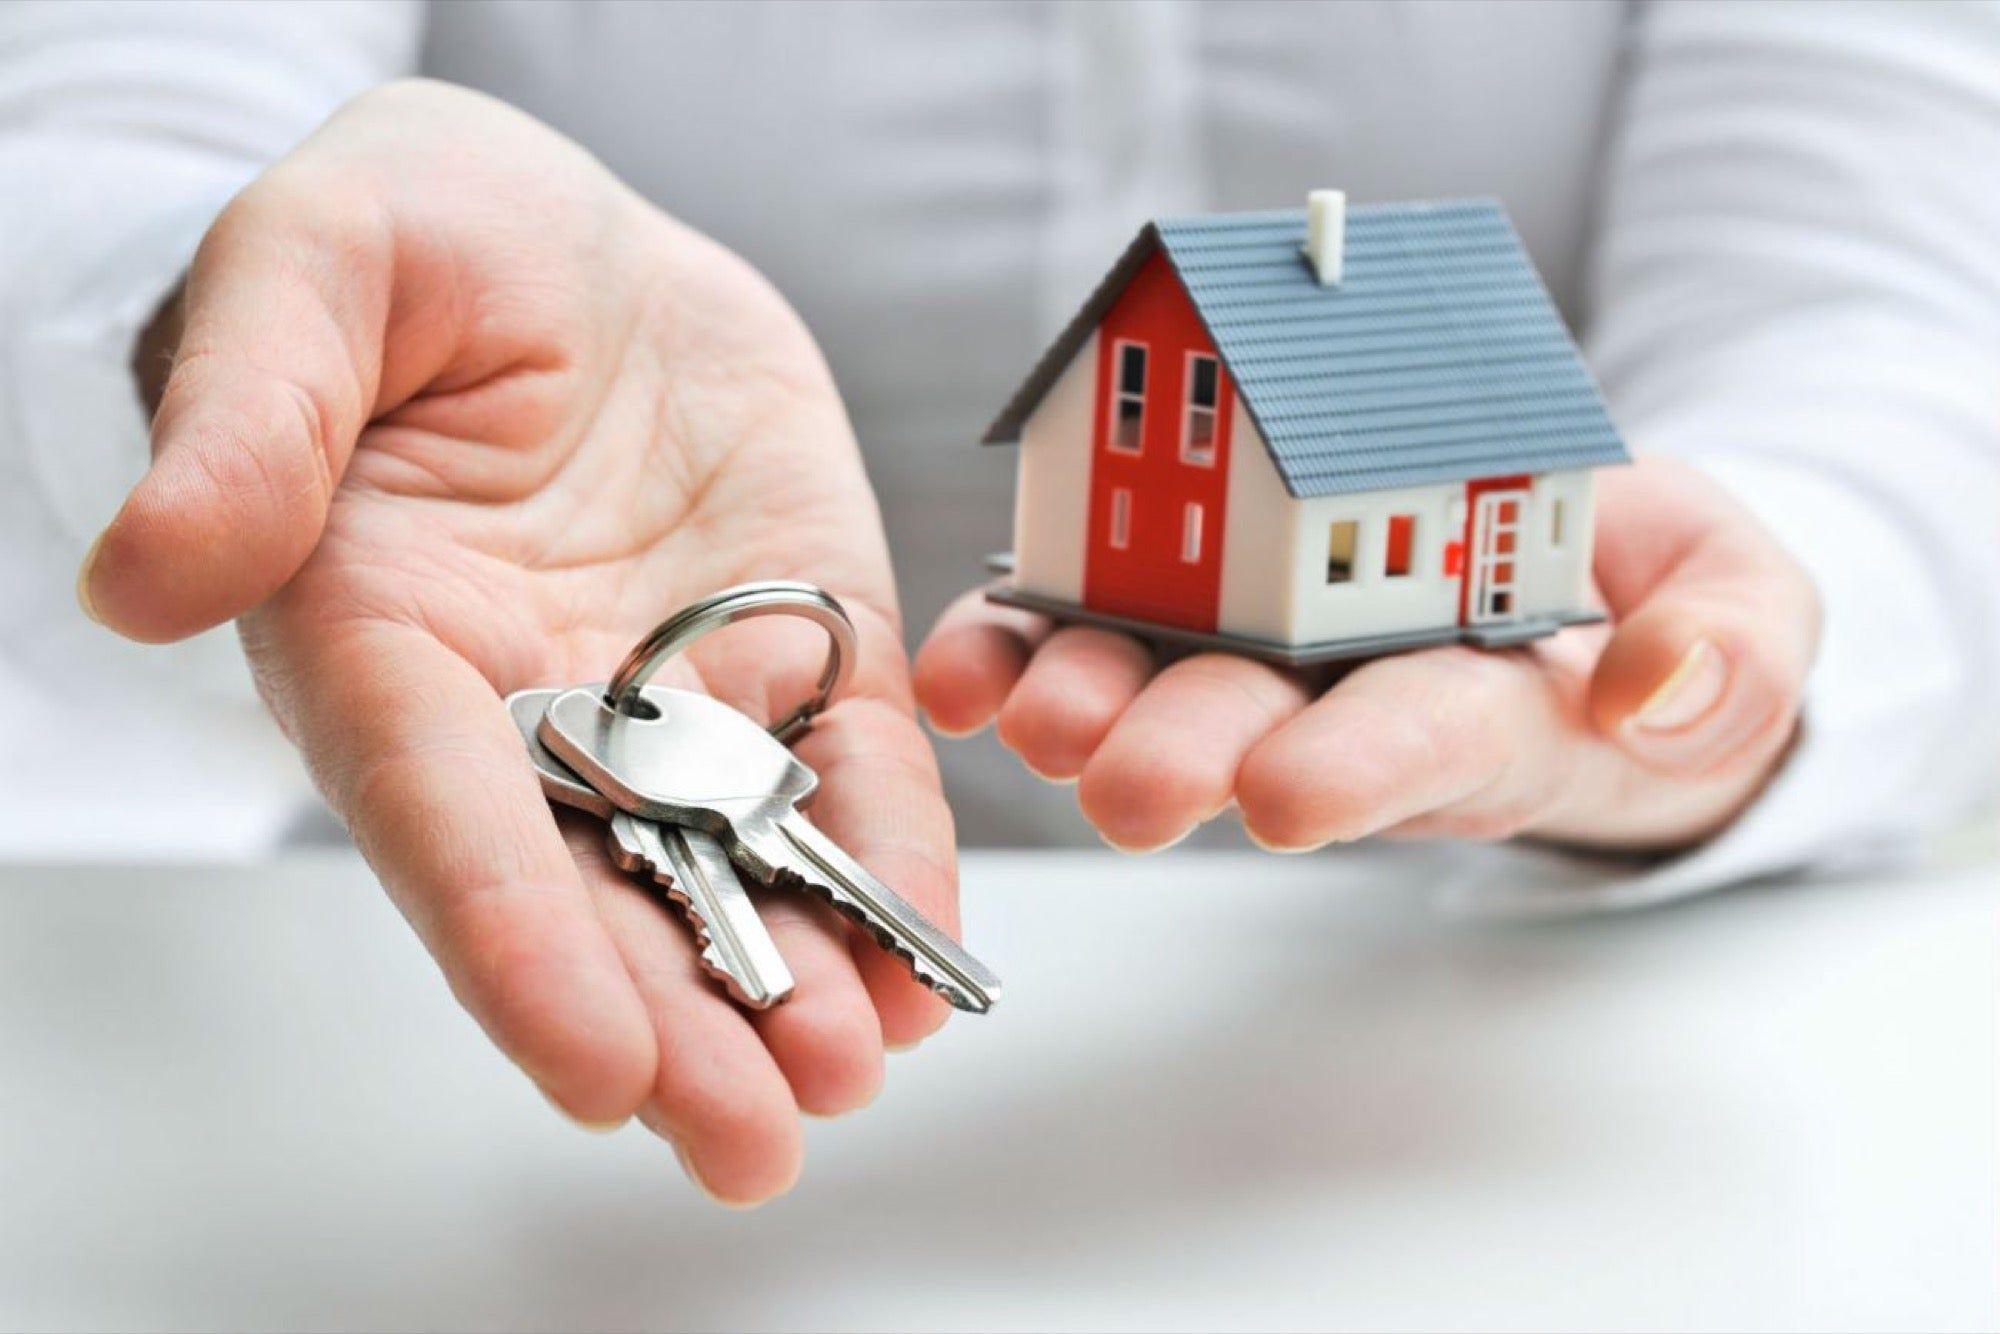 Por qué invertir en propiedades es la mejor decisión?